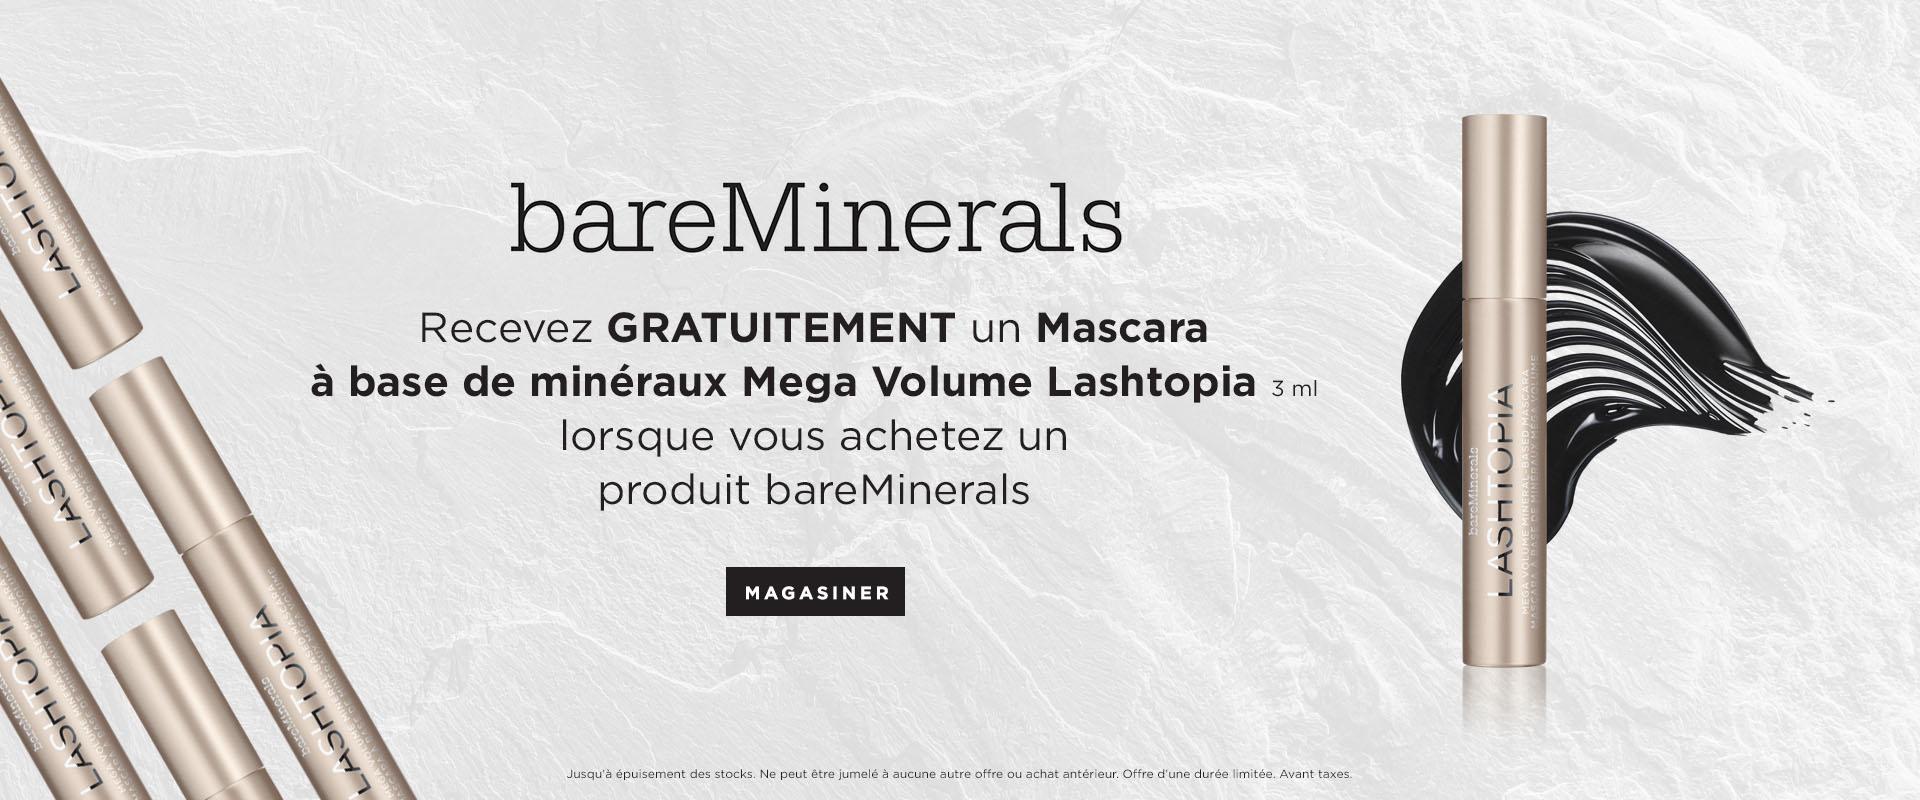 Recevez un bareMinerals Mascara a base de minéraux mega volume lashtopia GRATUITEMENT lorsque vous achetez un produit bareMinerals.